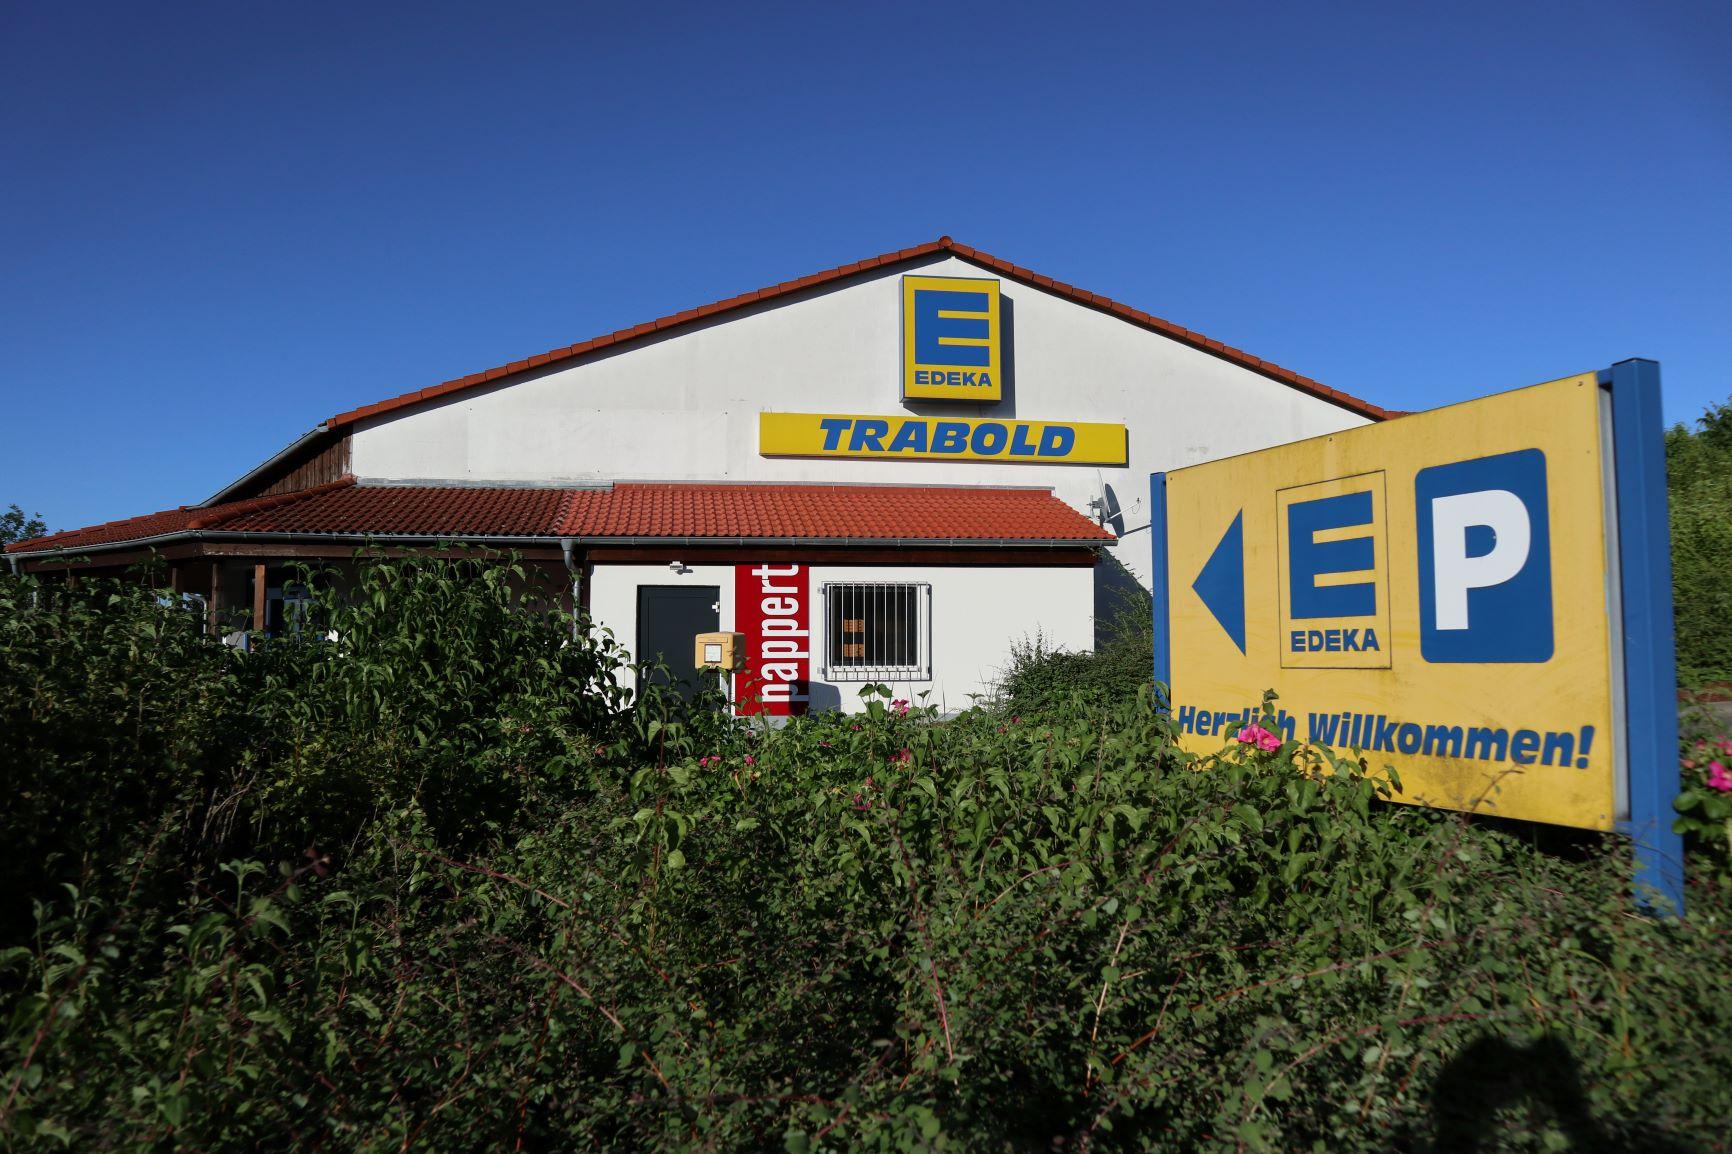 Edeka – Frischemarkt Trabold